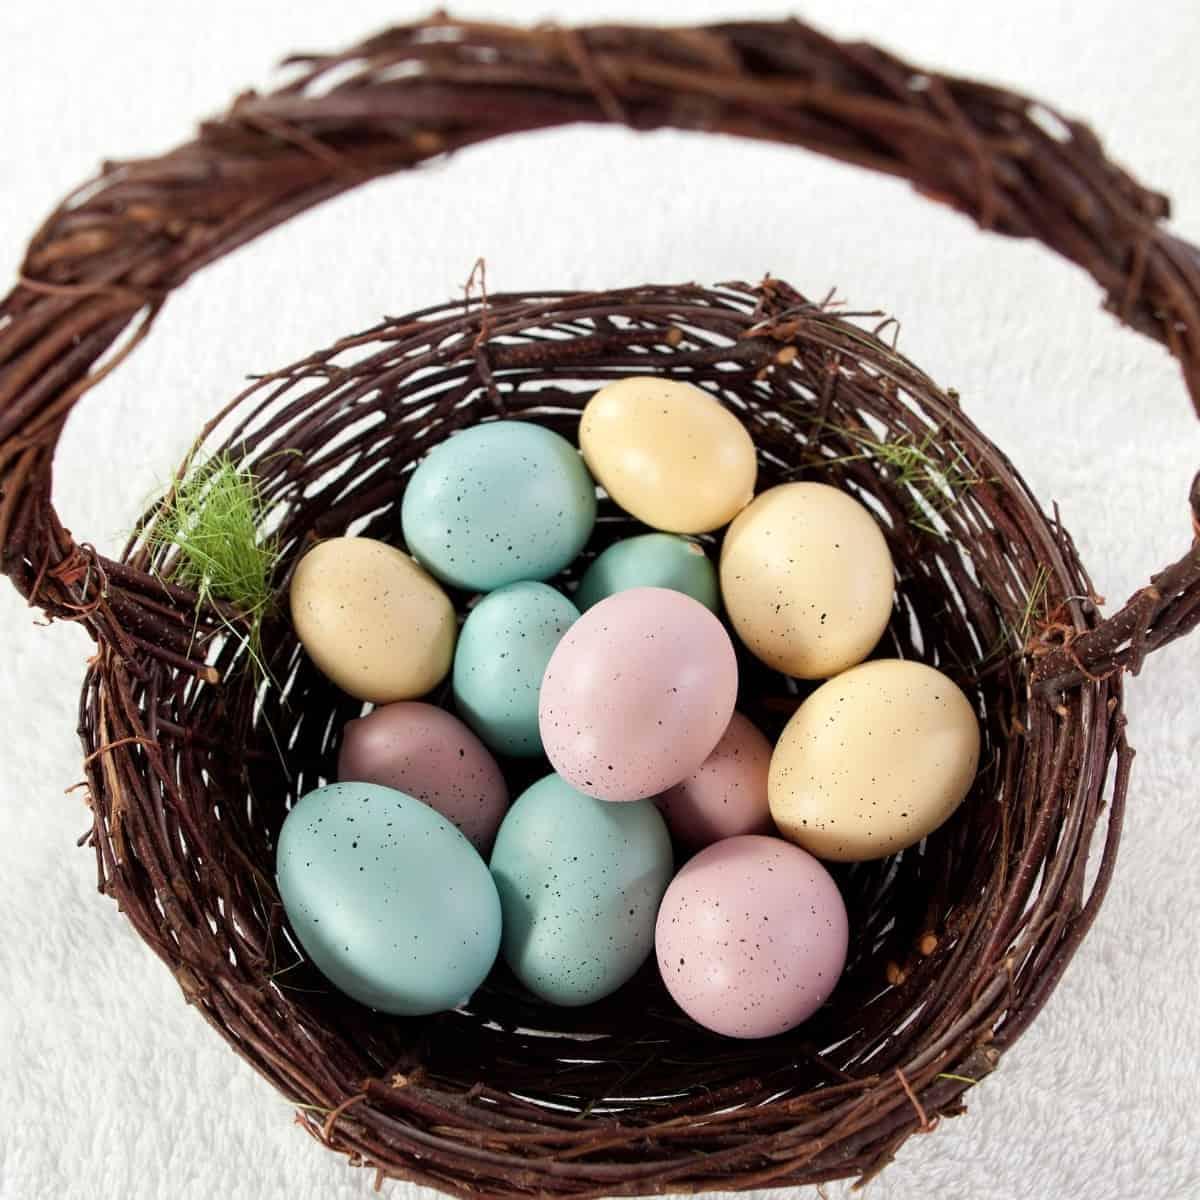 Natural Easter Basket Ideas